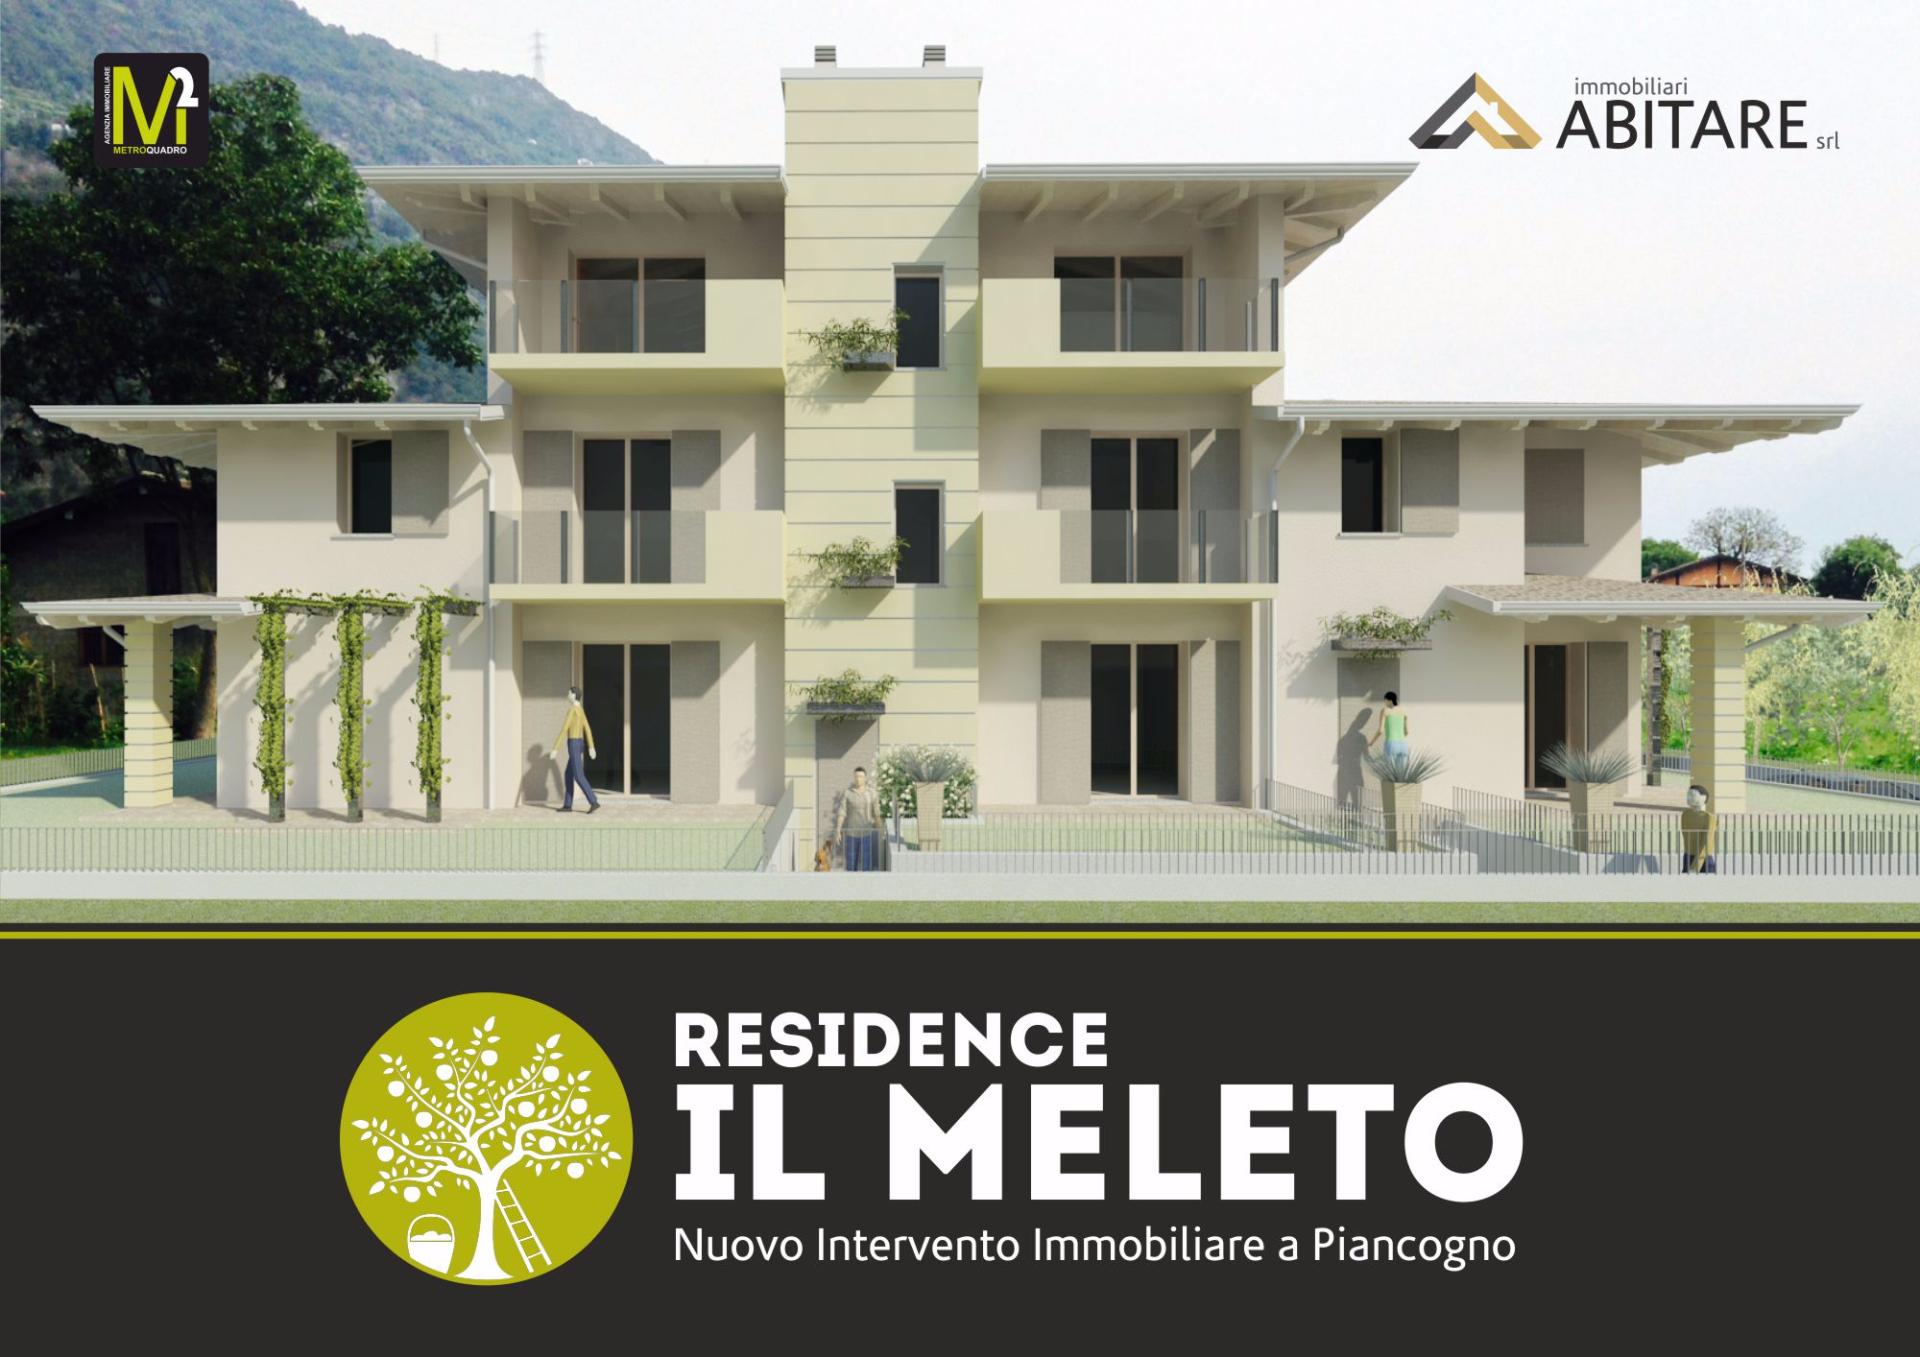 Appartamento in vendita a Piancogno, 7 locali, prezzo € 160.000 | Cambio Casa.it